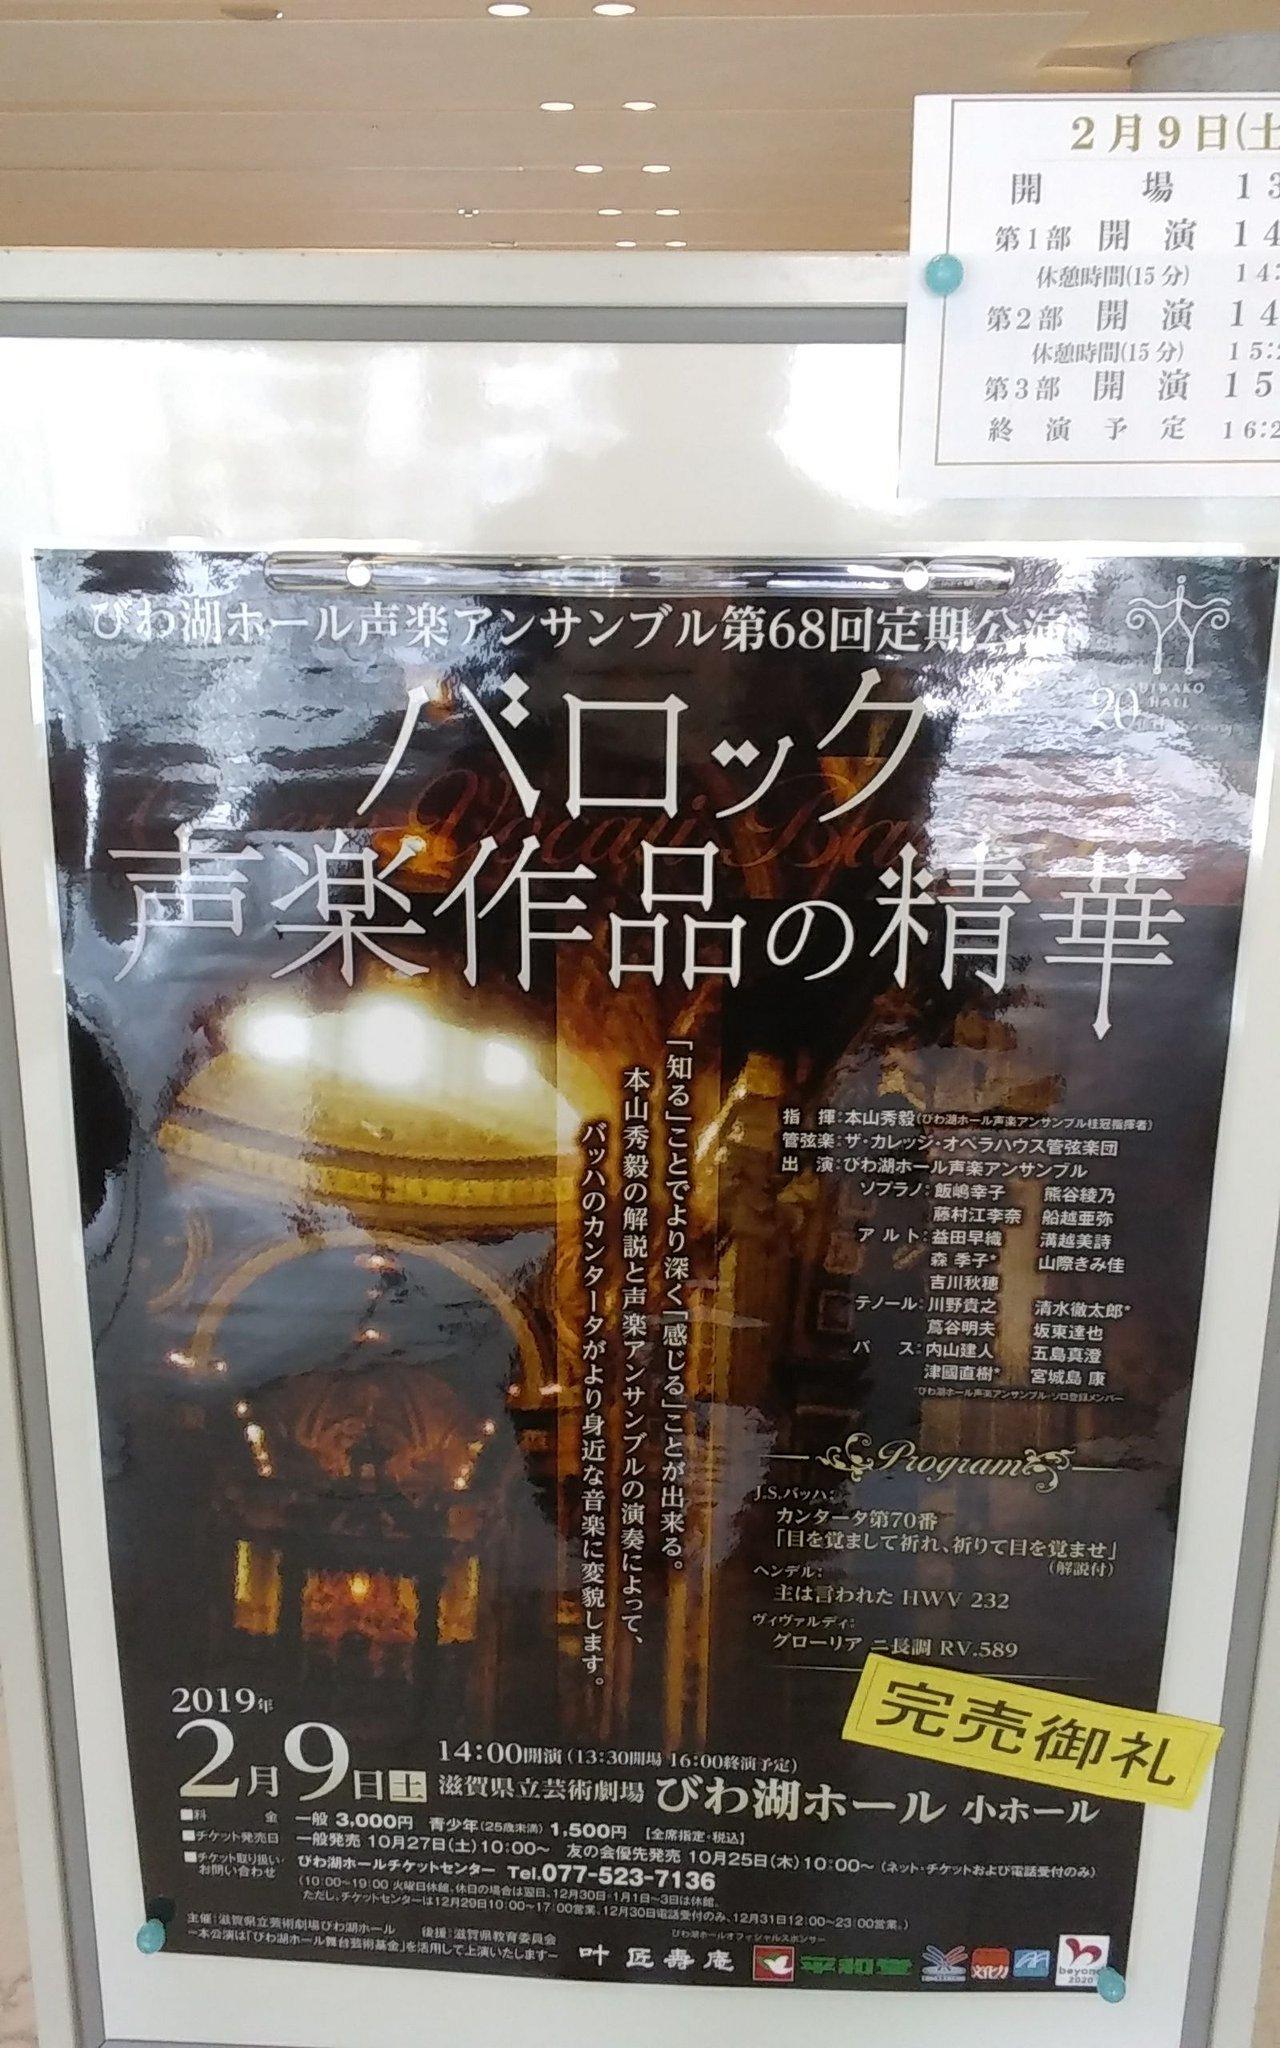 びわ湖 ホール 声楽 アンサンブル